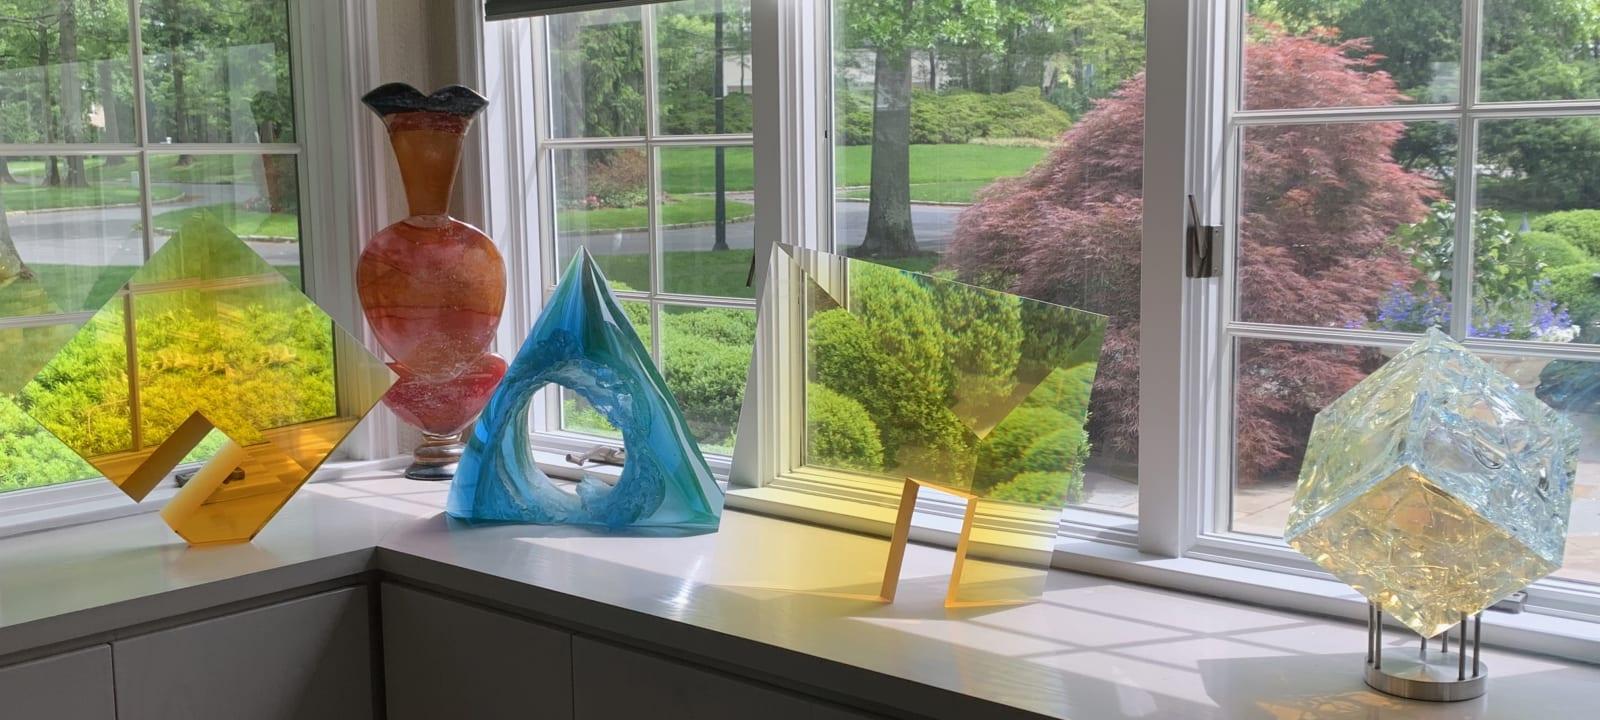 Glass sculptures in window